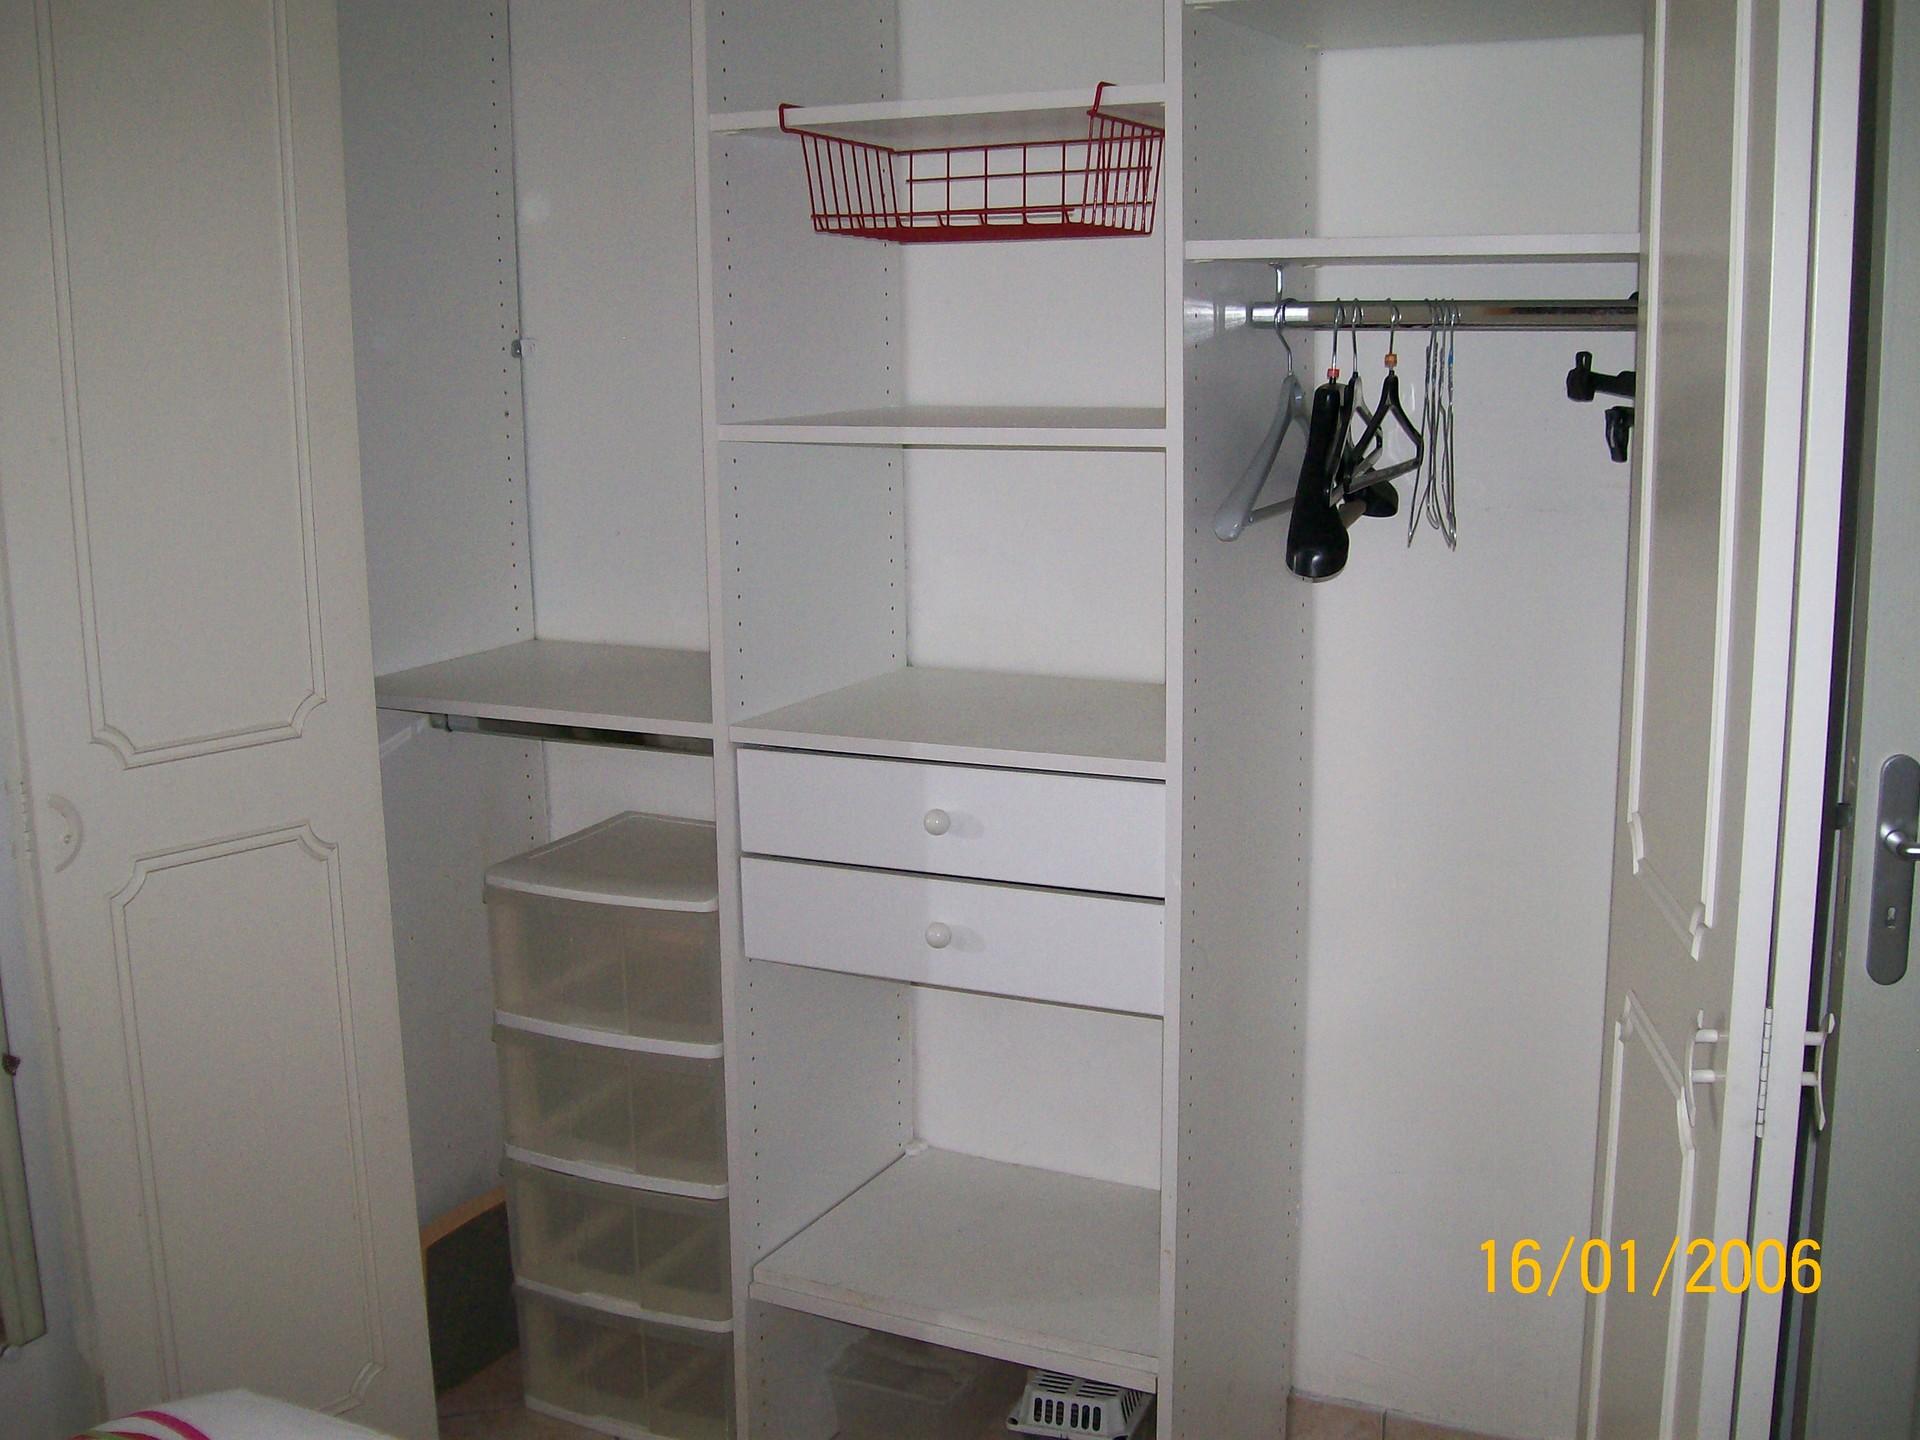 Chambre pour 1 personne chez l 39 habitant location - Location chambre etudiant chez l habitant ...